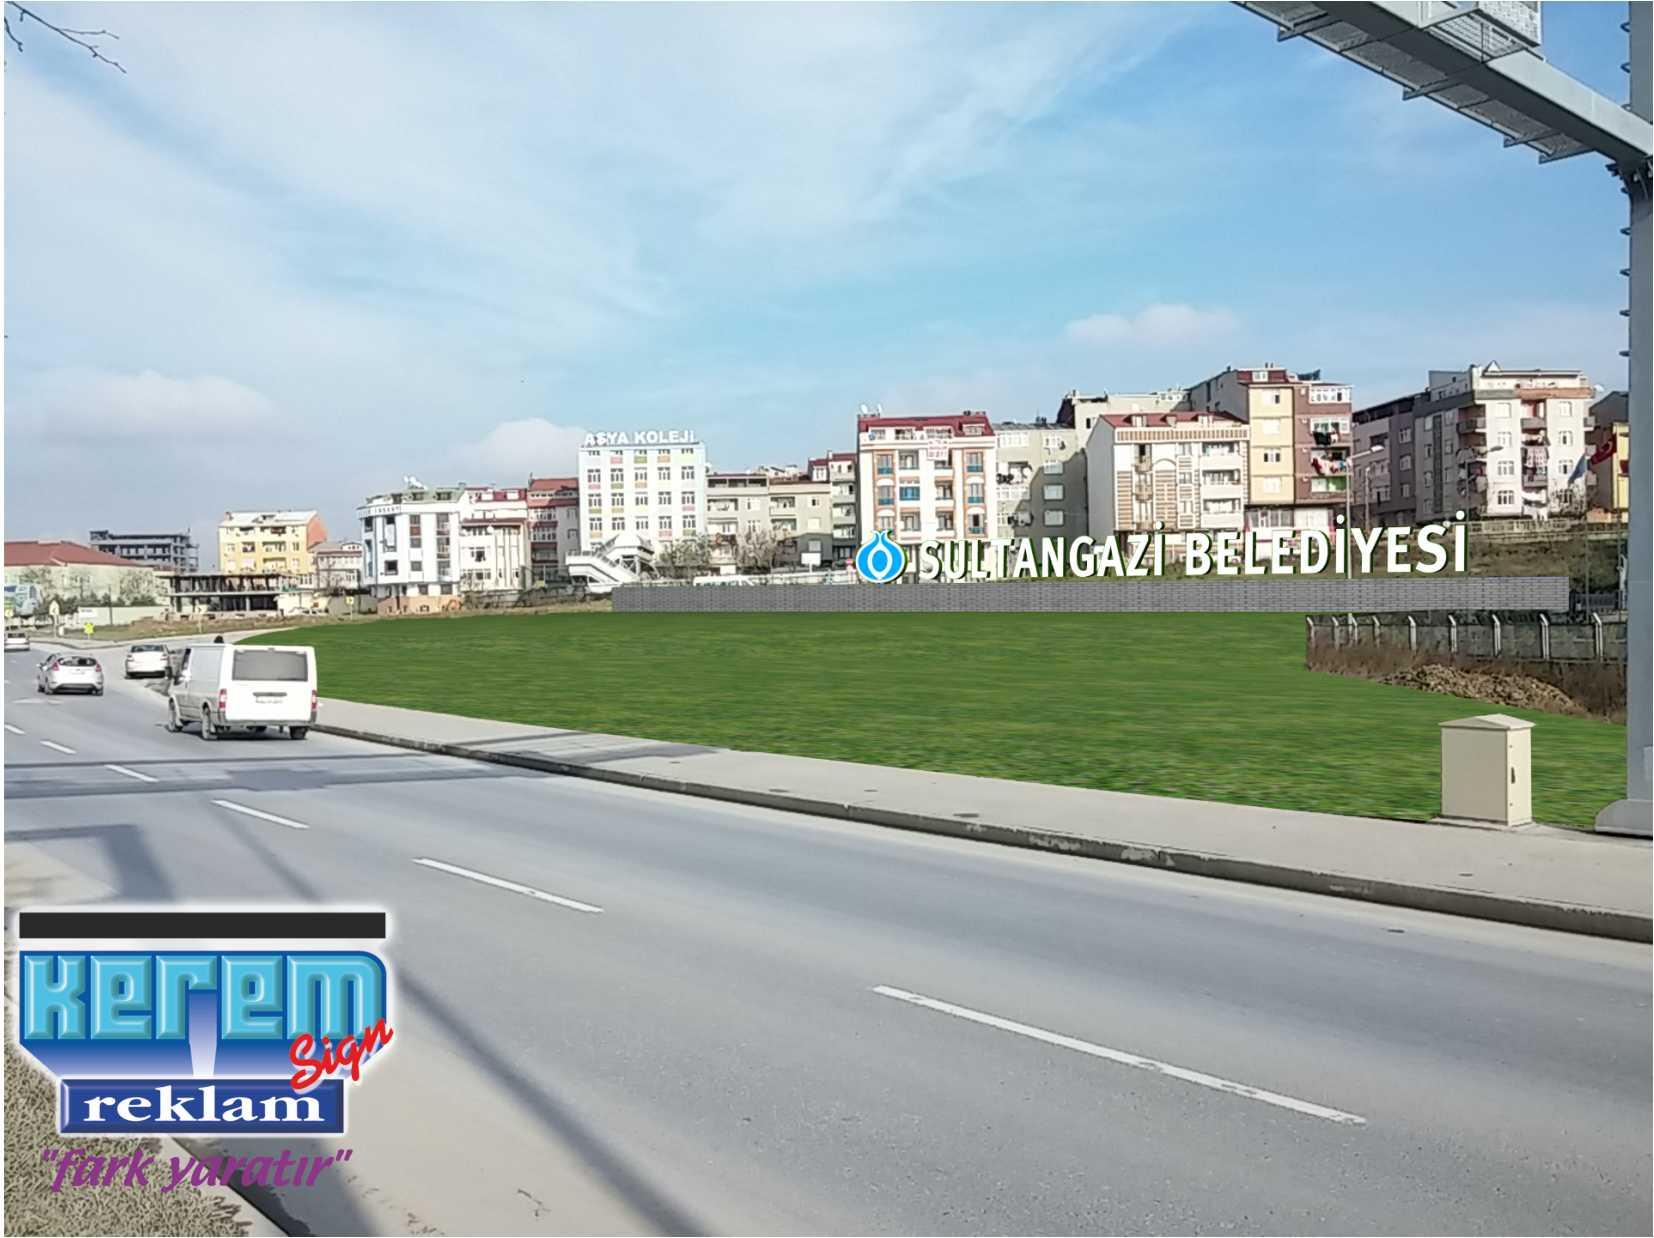 sultangazi belediyesi çalışma 1 (1)